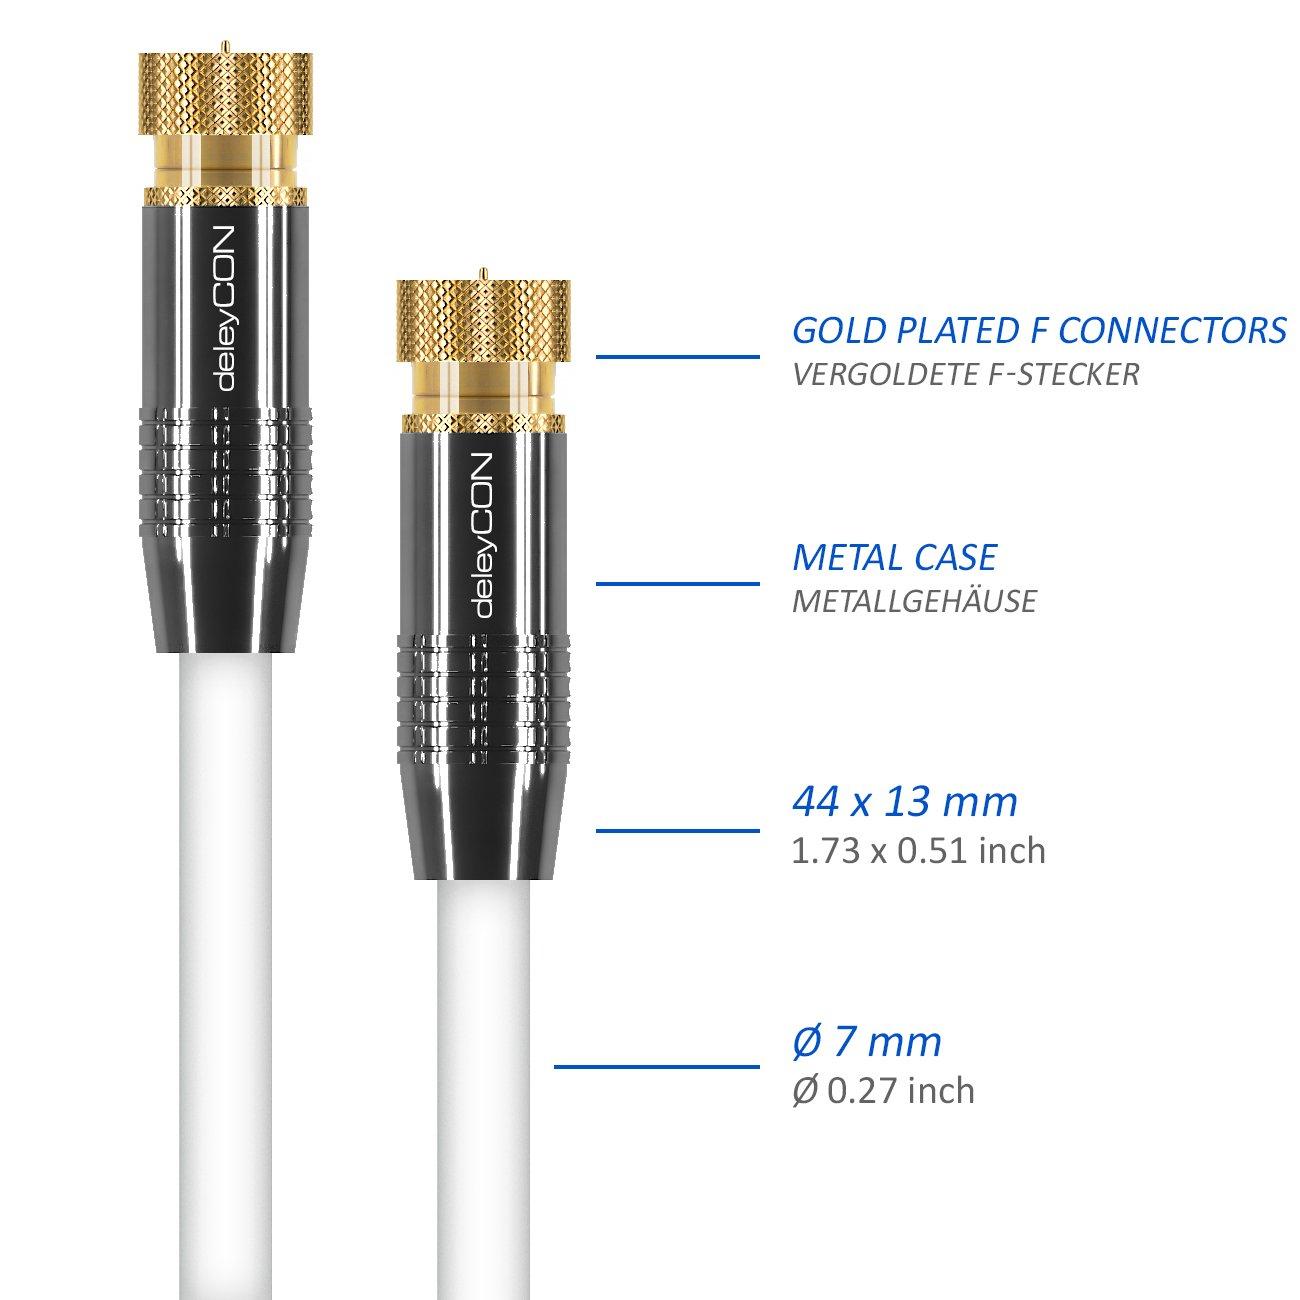 Blanco Enchufe de Metal Enchapado en Oro 2X F-Plug deleyCON 2m Sat Cable de la Antena HD por Cable v/ía Sat/élite Coaxial 100 dB para DVB-S//S2 Ultra HD 4K 1080P HDTV Full HD